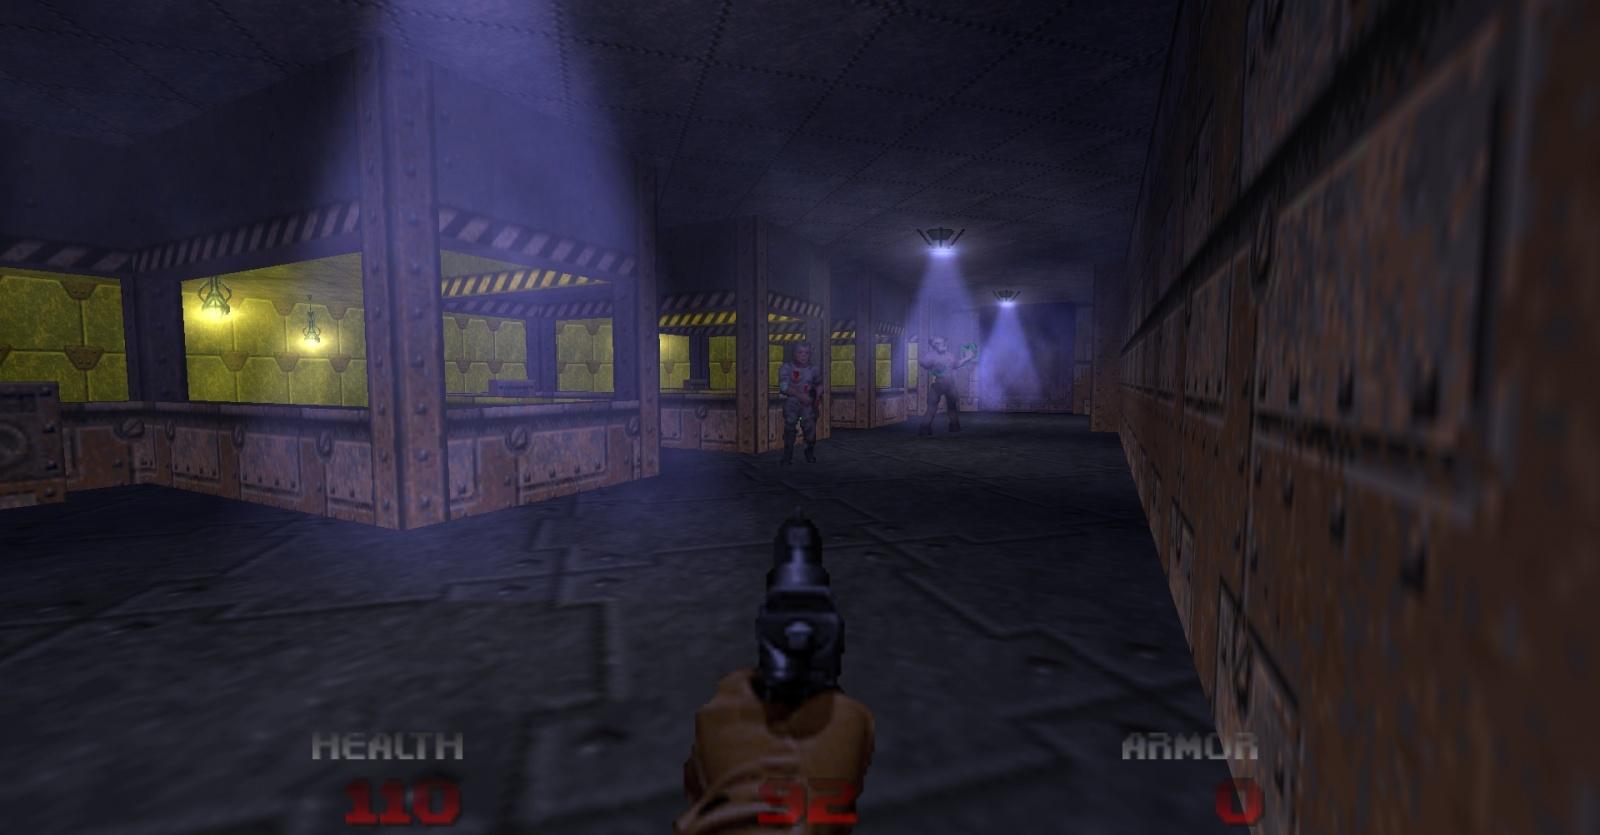 Создатель мода Brutal Doom выпустит новый мод «Brutal Doom 64» - 1